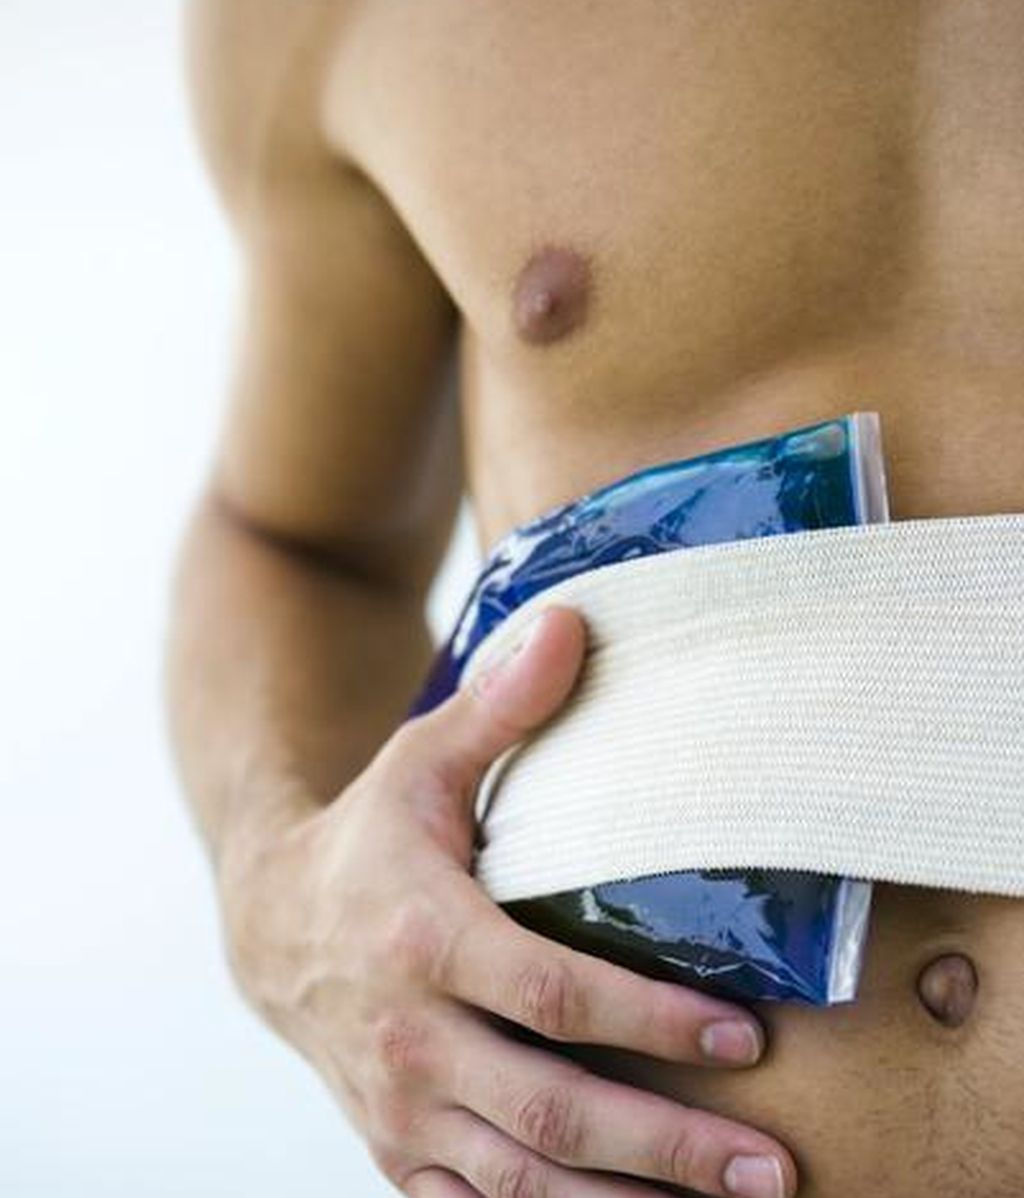 Dolor muscular: ¿Calor o frío?